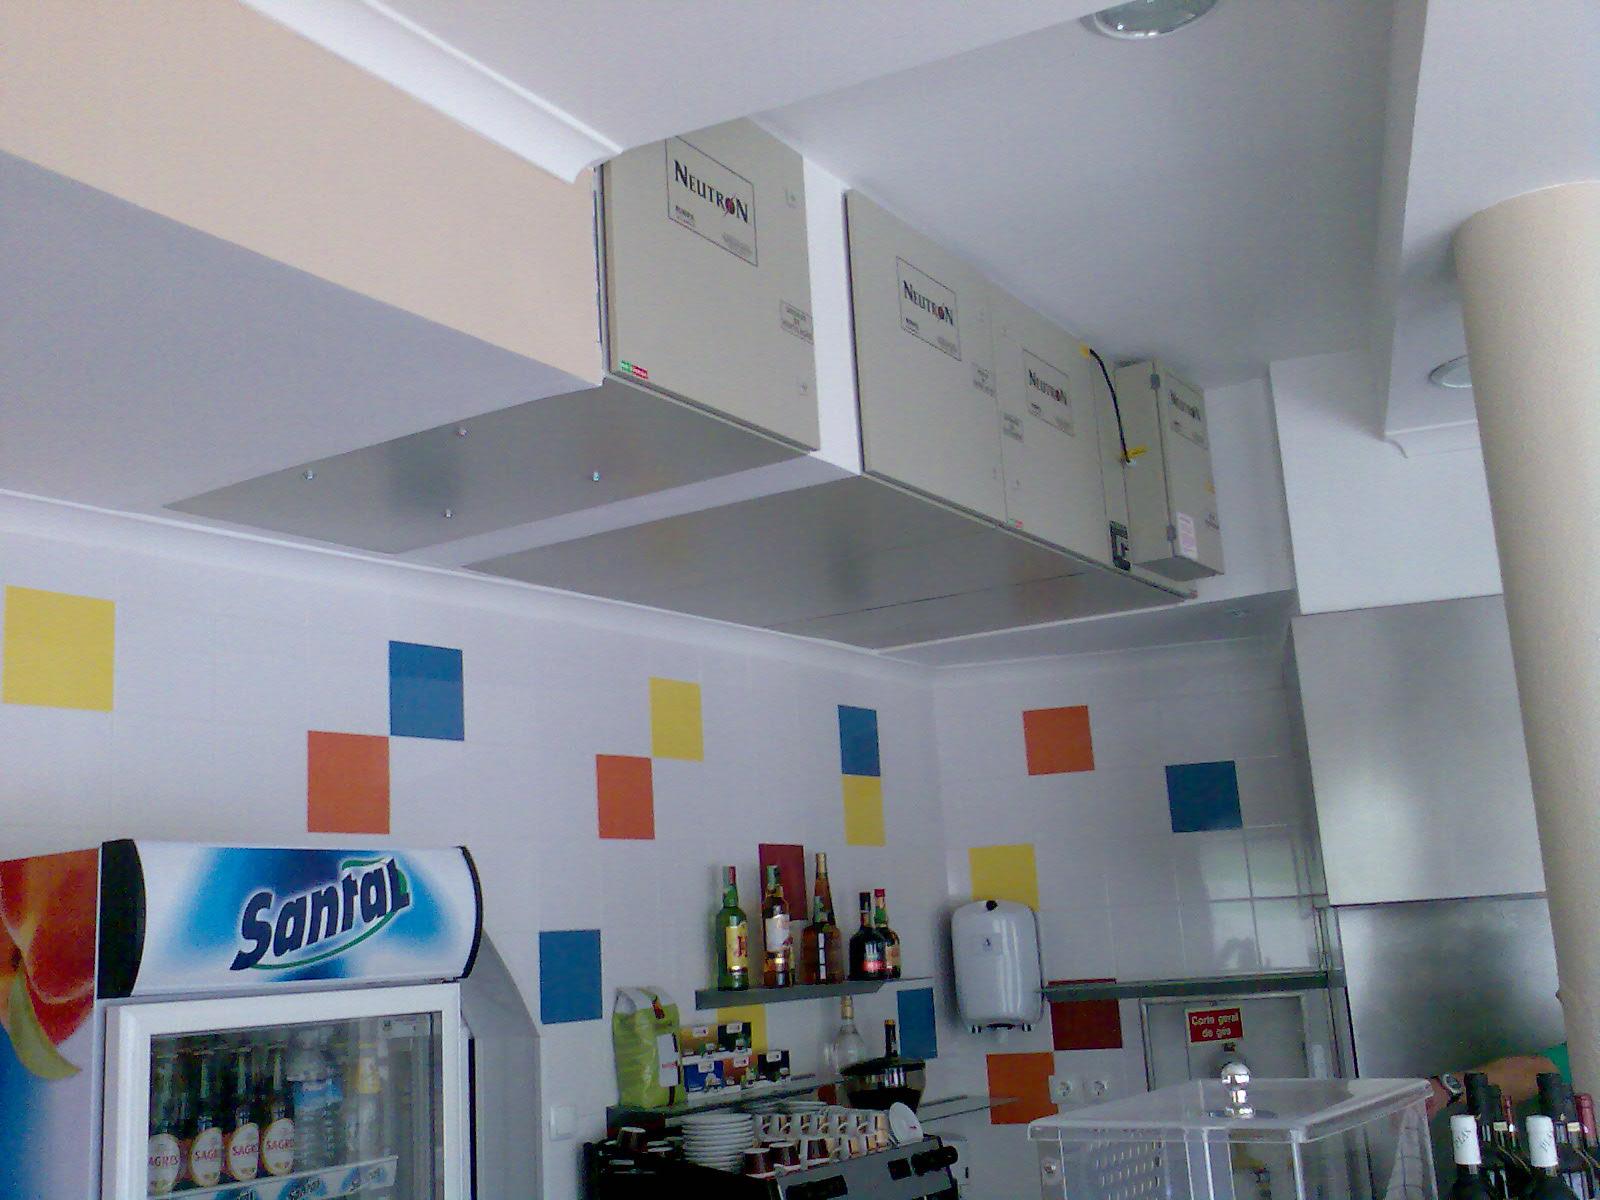 Sistema De Ventila O Em Cozinhas Profissionais Neutron